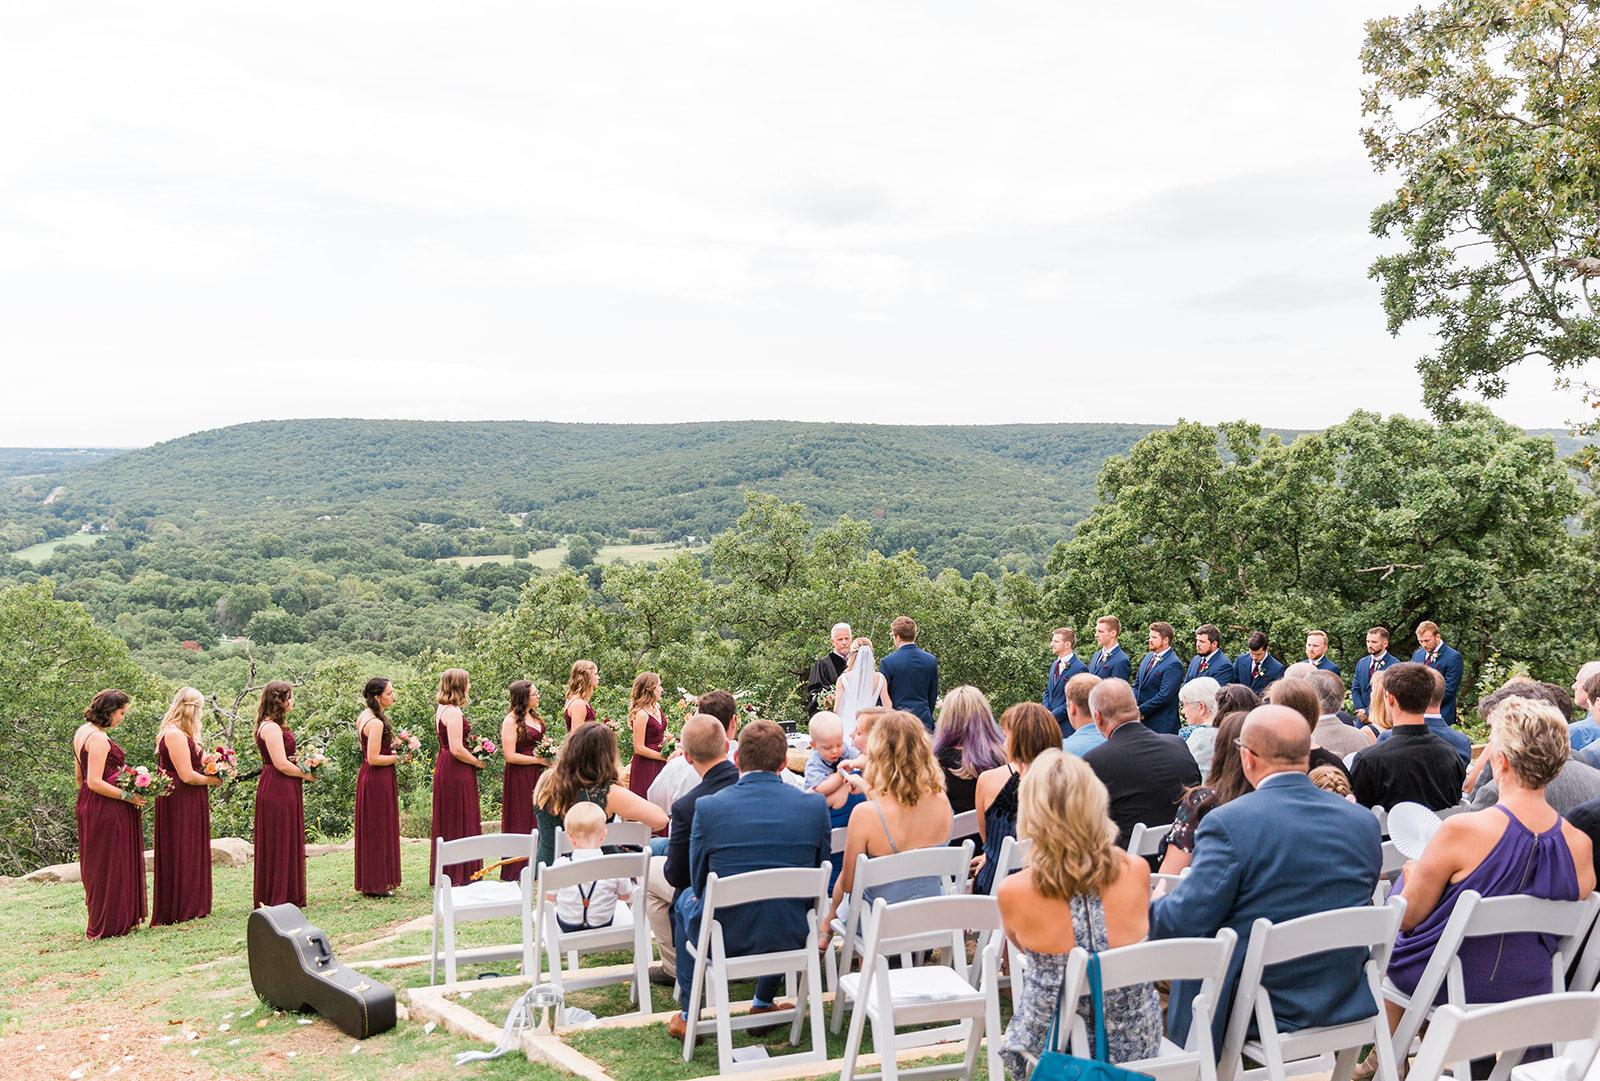 Tulsa Oklahoma Wedding Venues 62.jpg